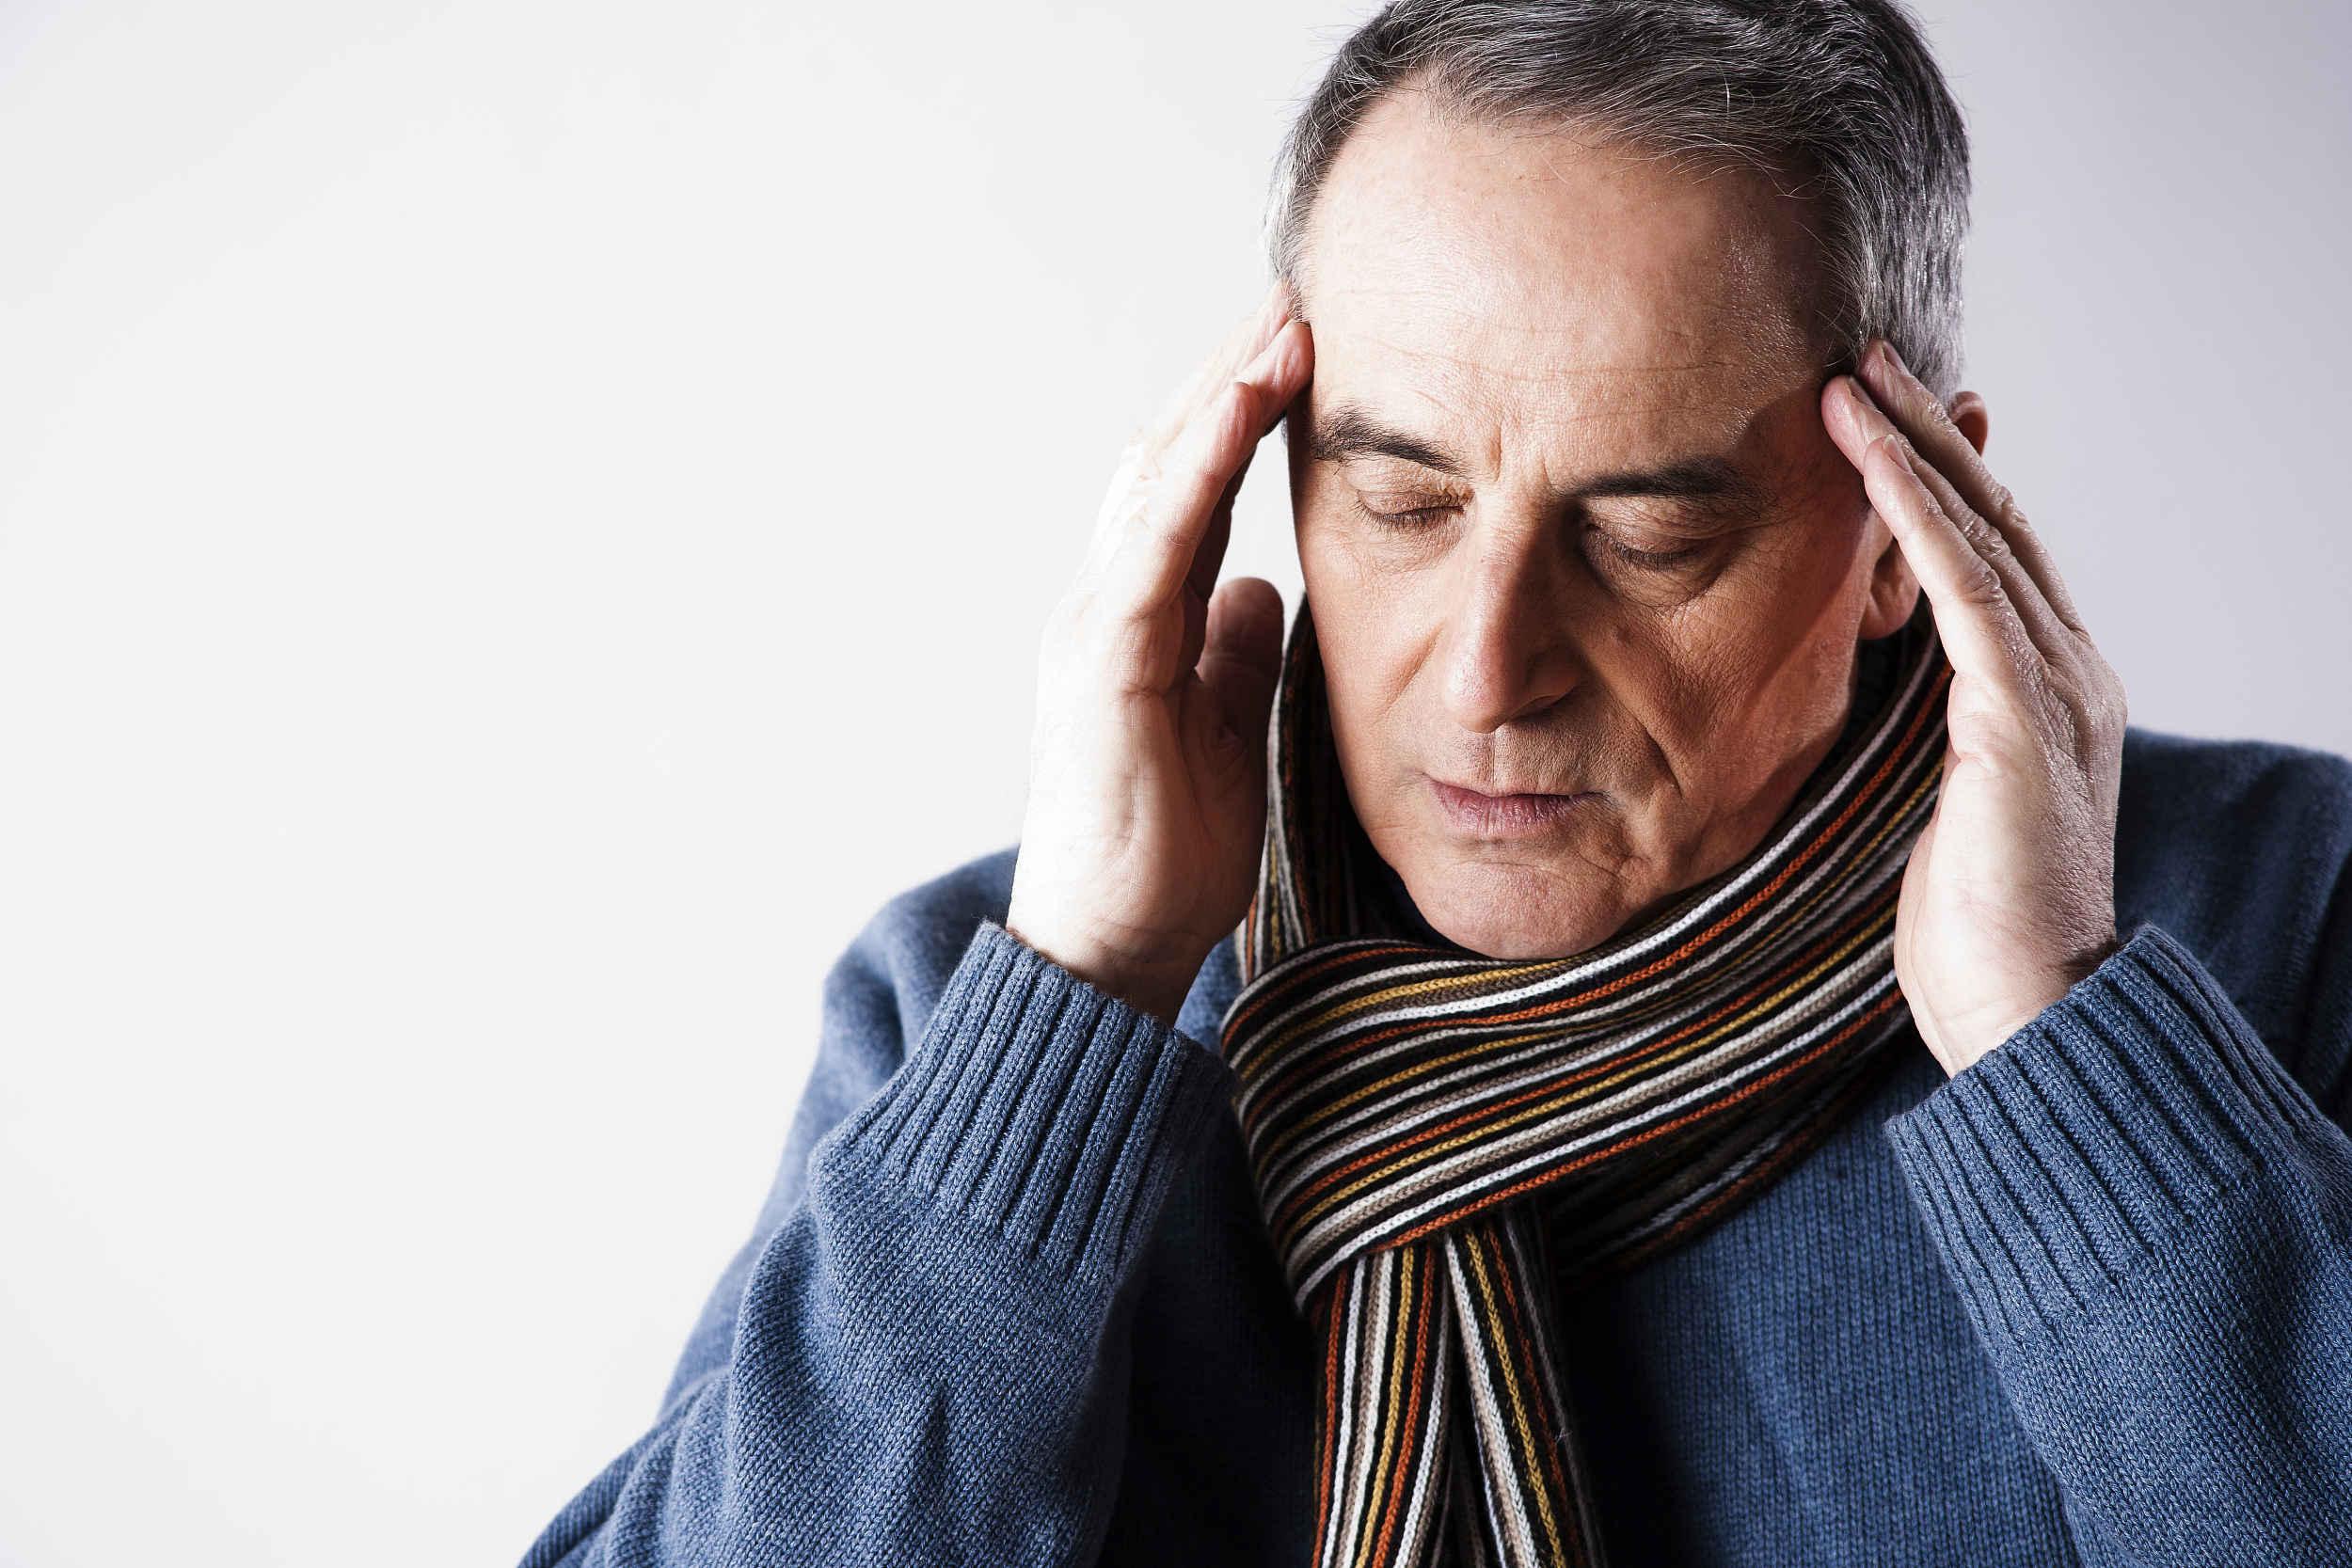 秋冬季节如何保护心血管?专家告诉你这些要点